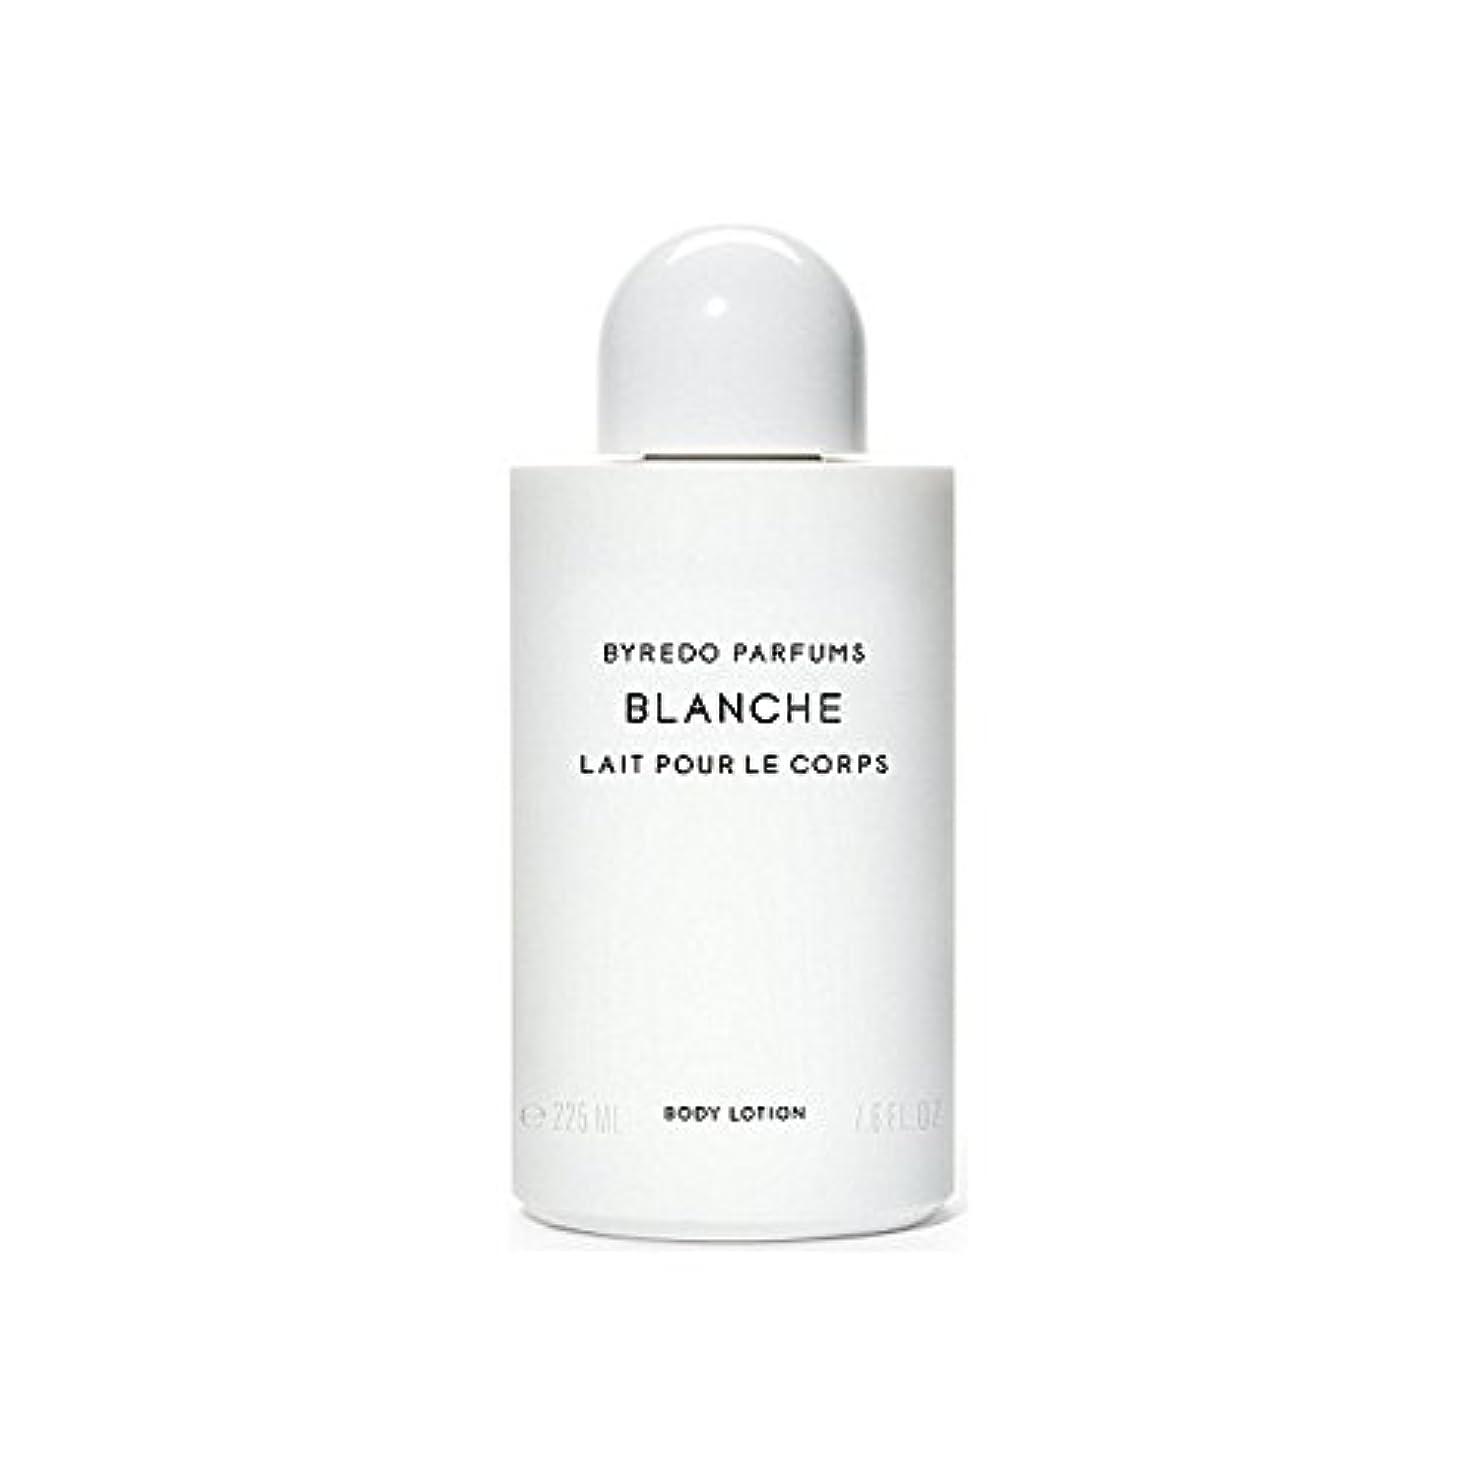 味付けパントリー画像ブランシュボディローション225ミリリットル x4 - Byredo Blanche Body Lotion 225ml (Pack of 4) [並行輸入品]